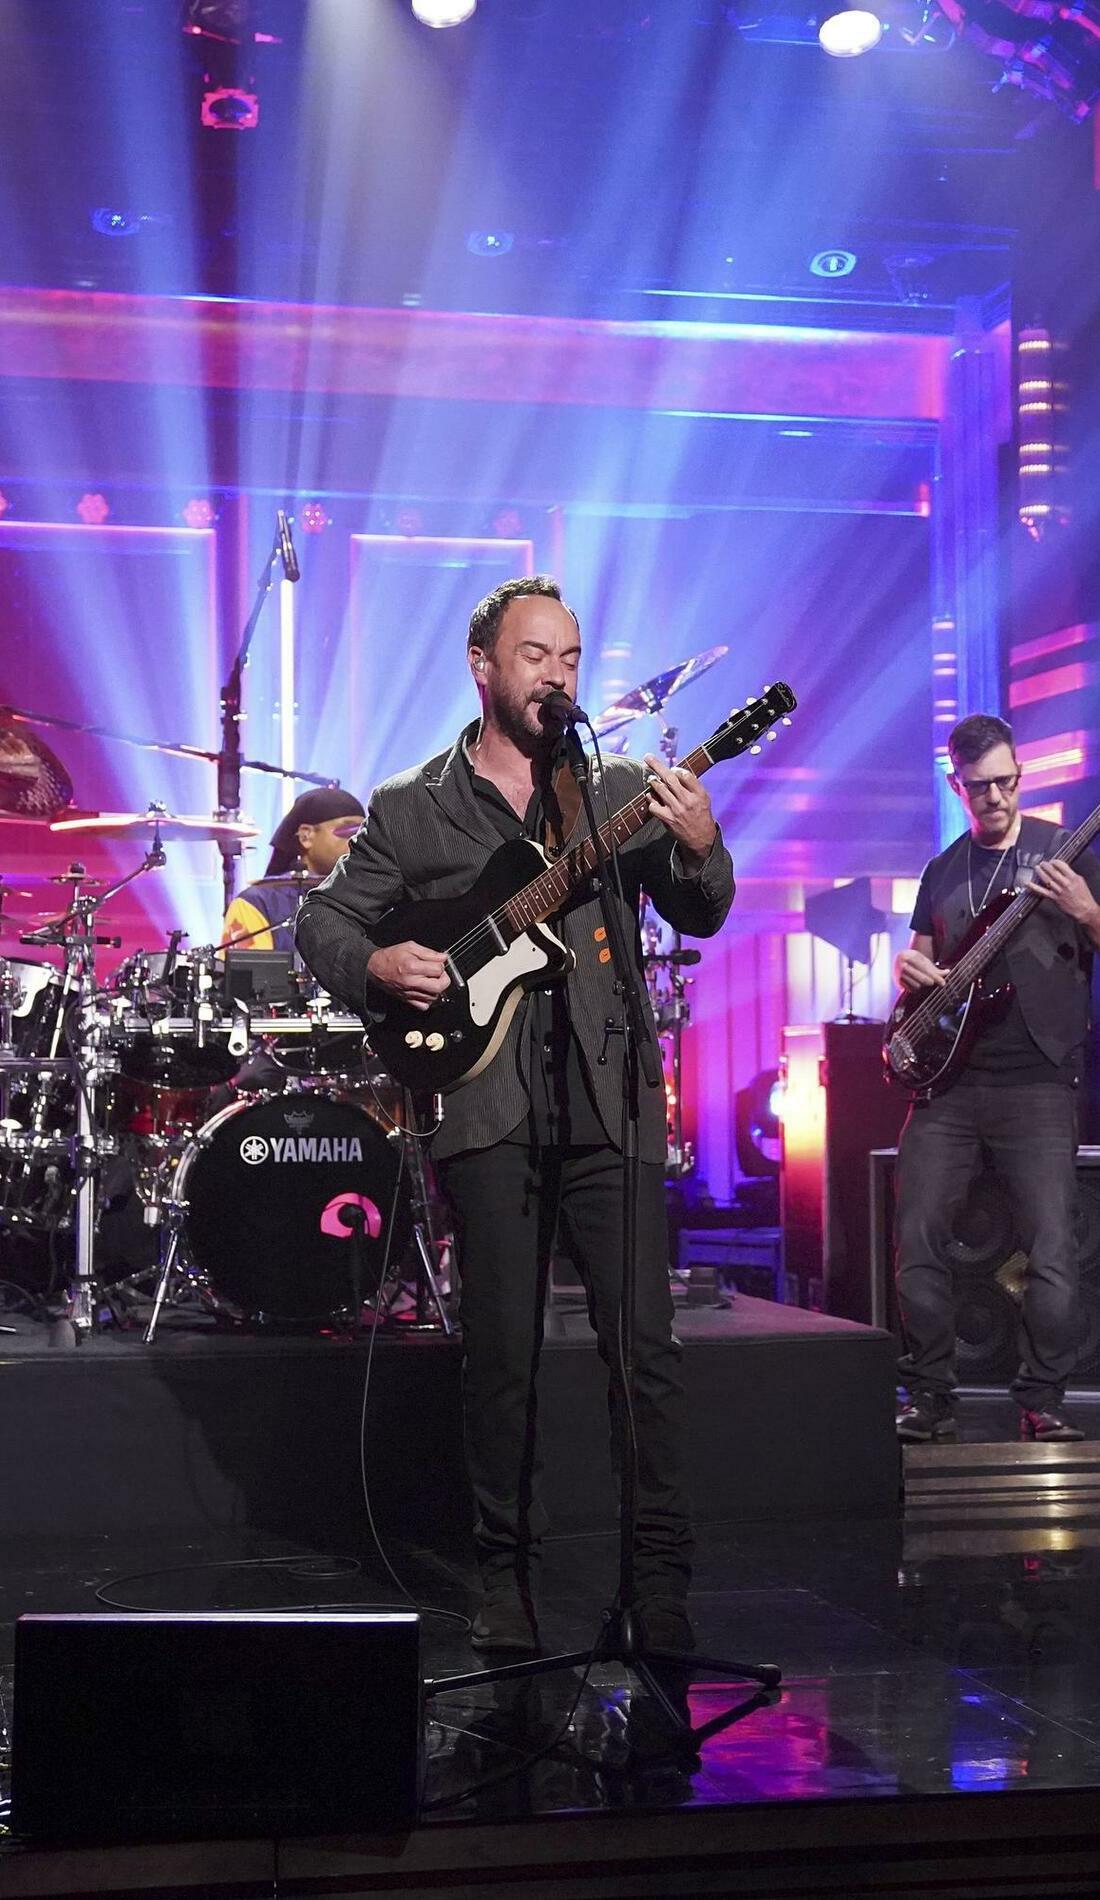 A Dave Matthews Band live event